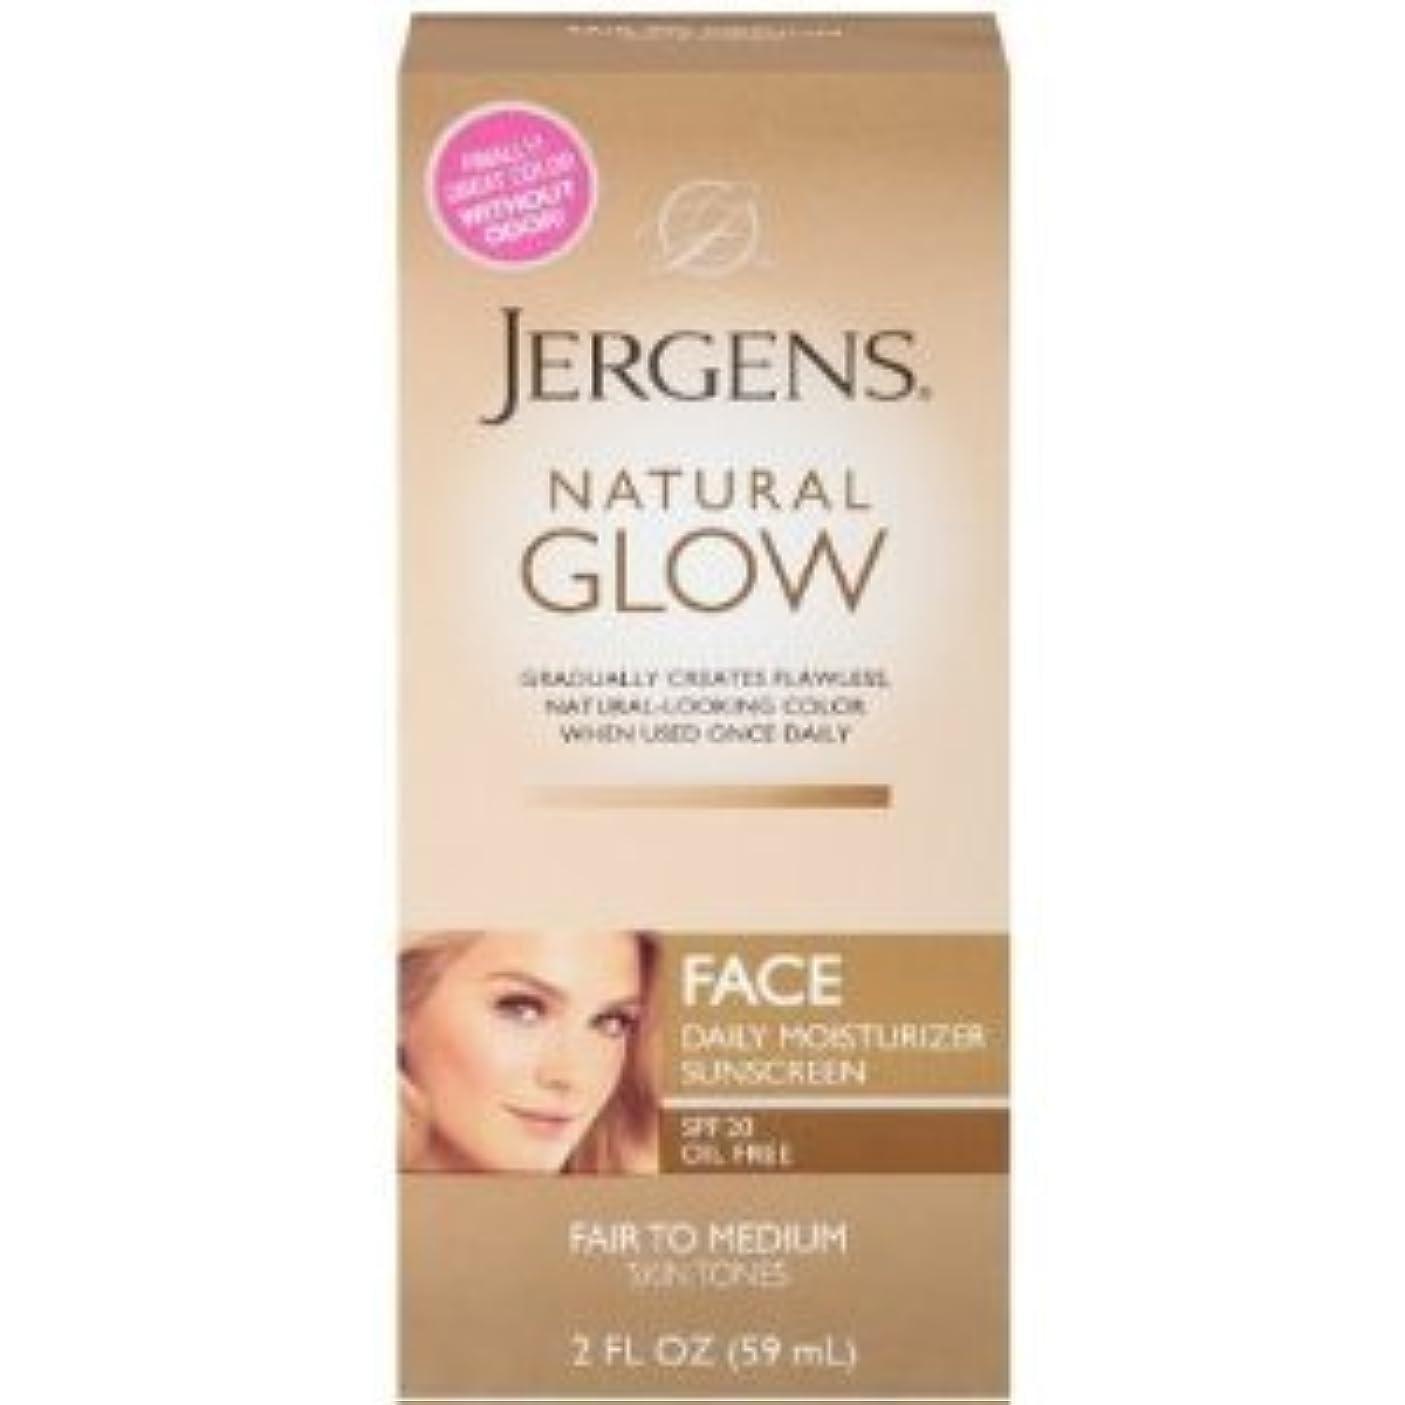 くしなやかな提案するNatural Glow Healthy Complexion Daily Facial Moisturizer, SPF 20, Fair to Medium Tan, (59ml) (海外直送品)